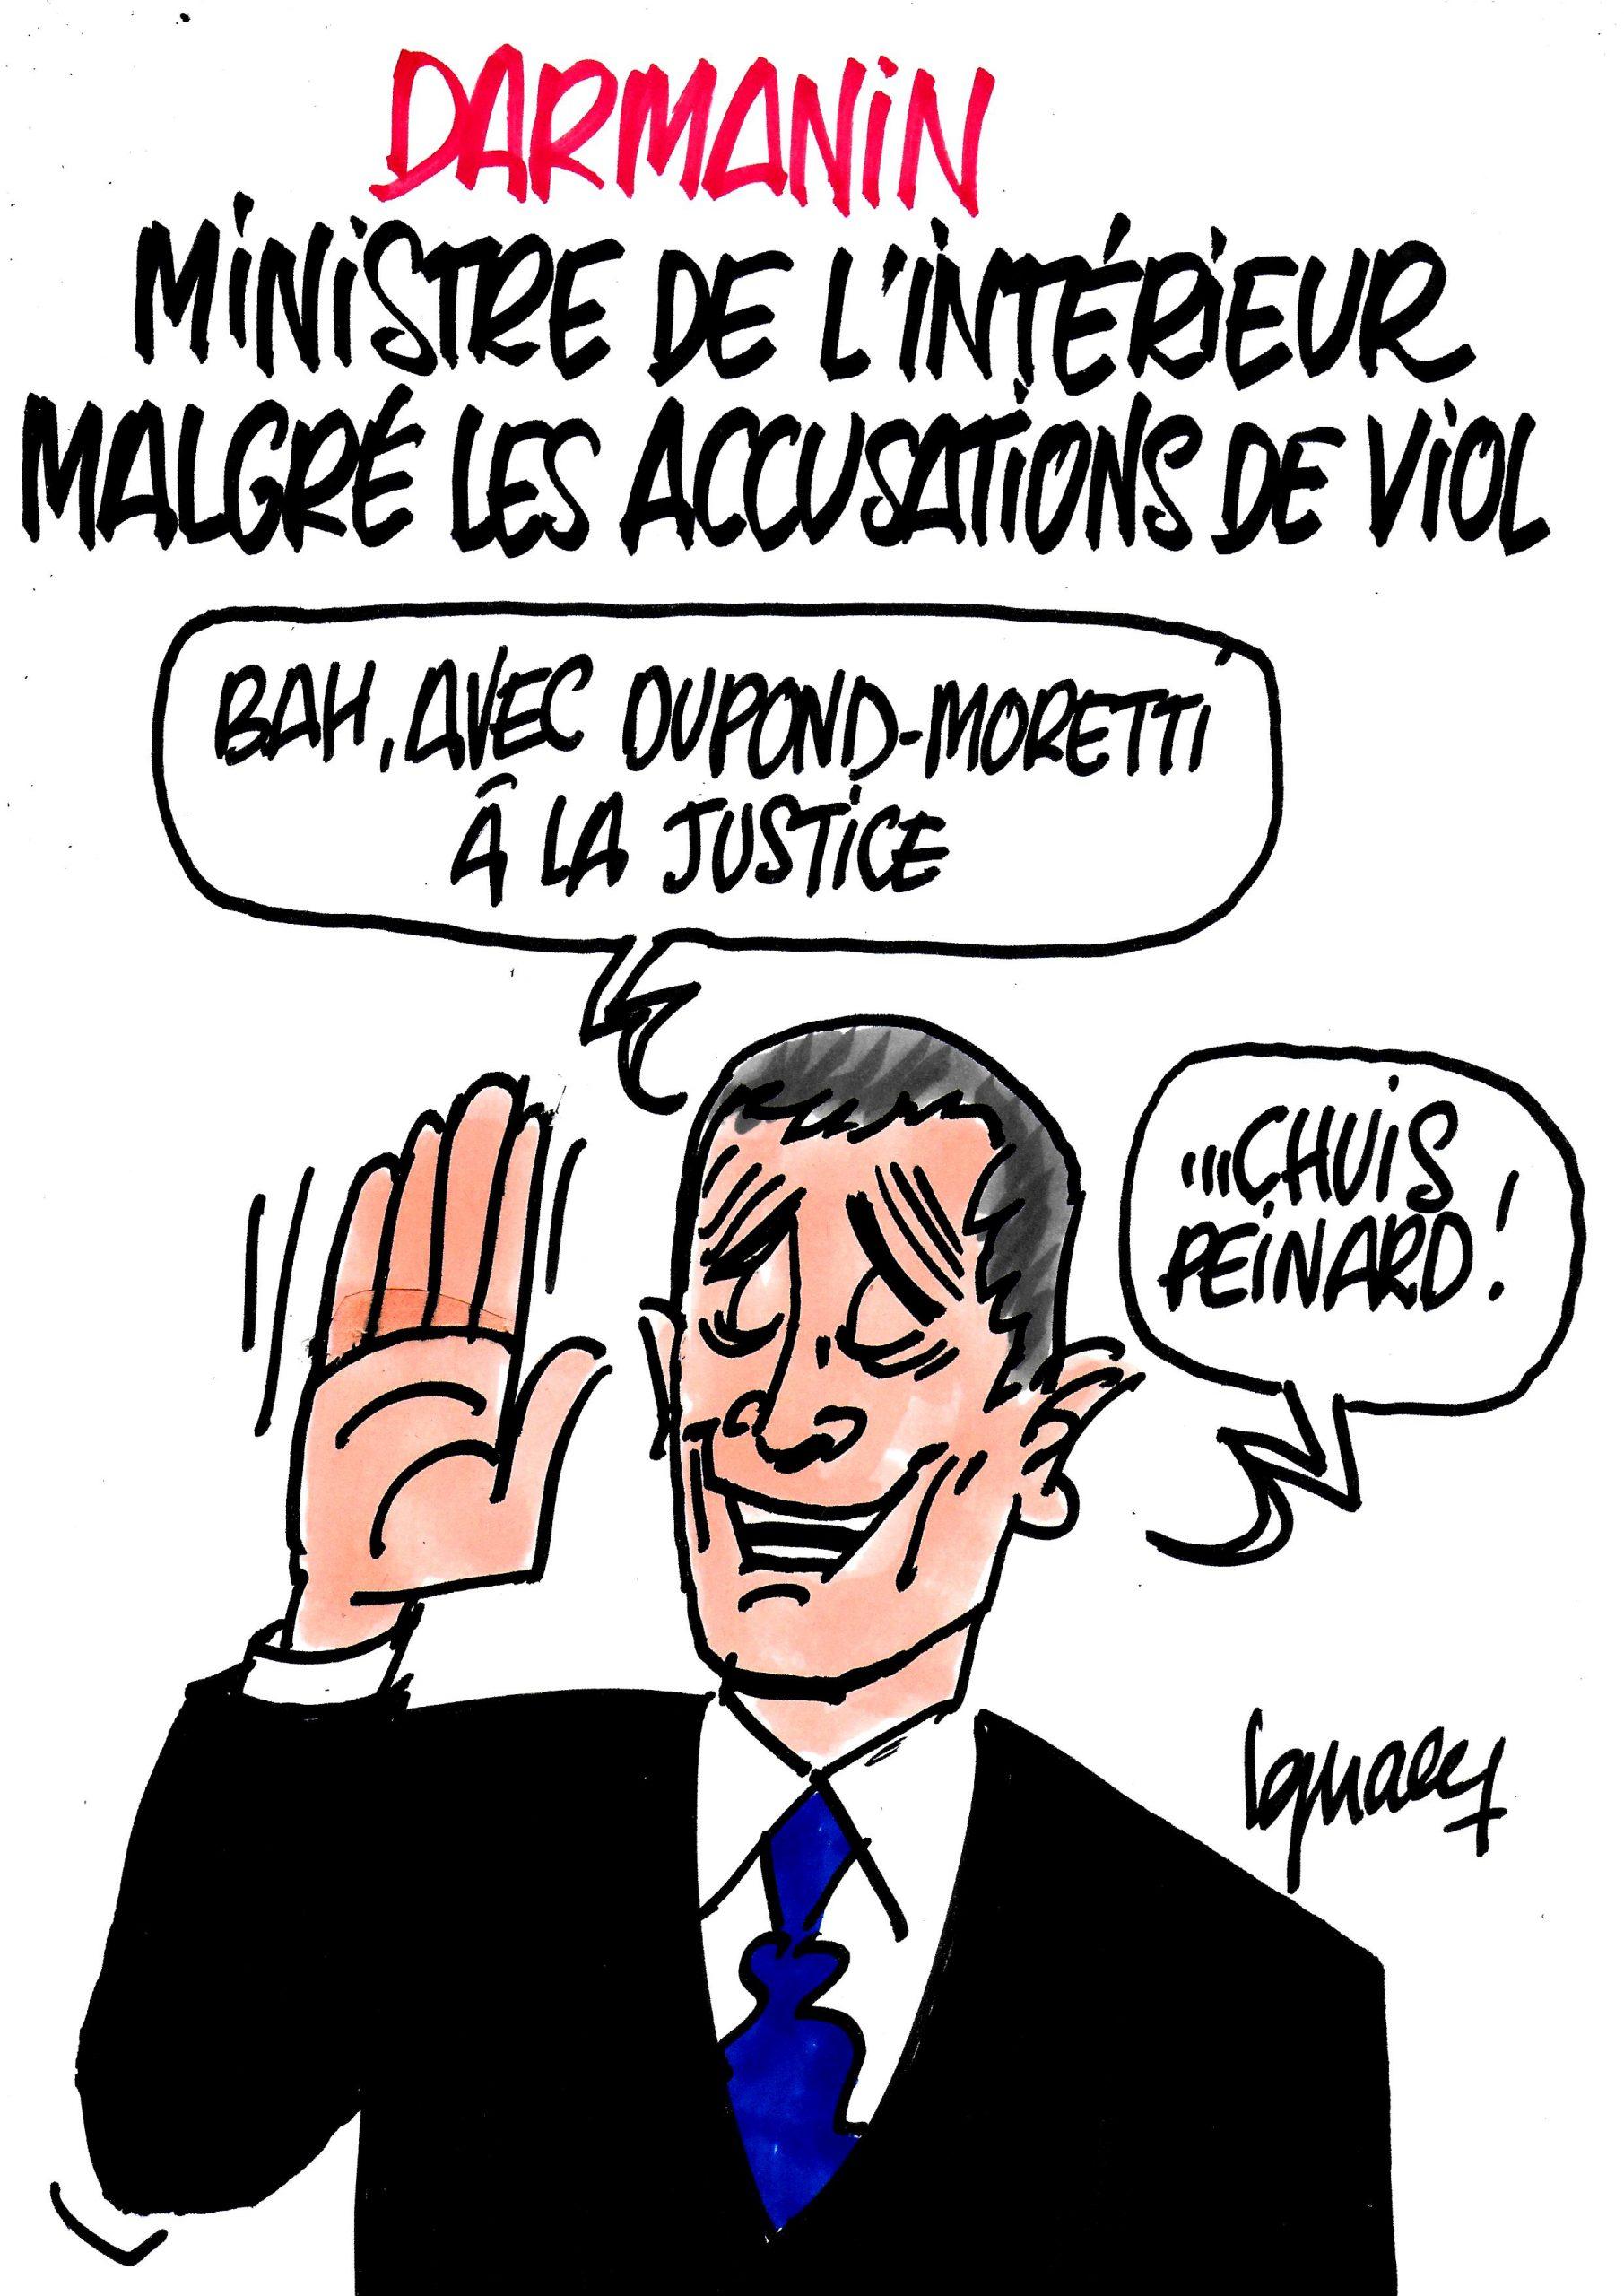 Ignace - Darmanin nommé ministre malgré les accusations de viol